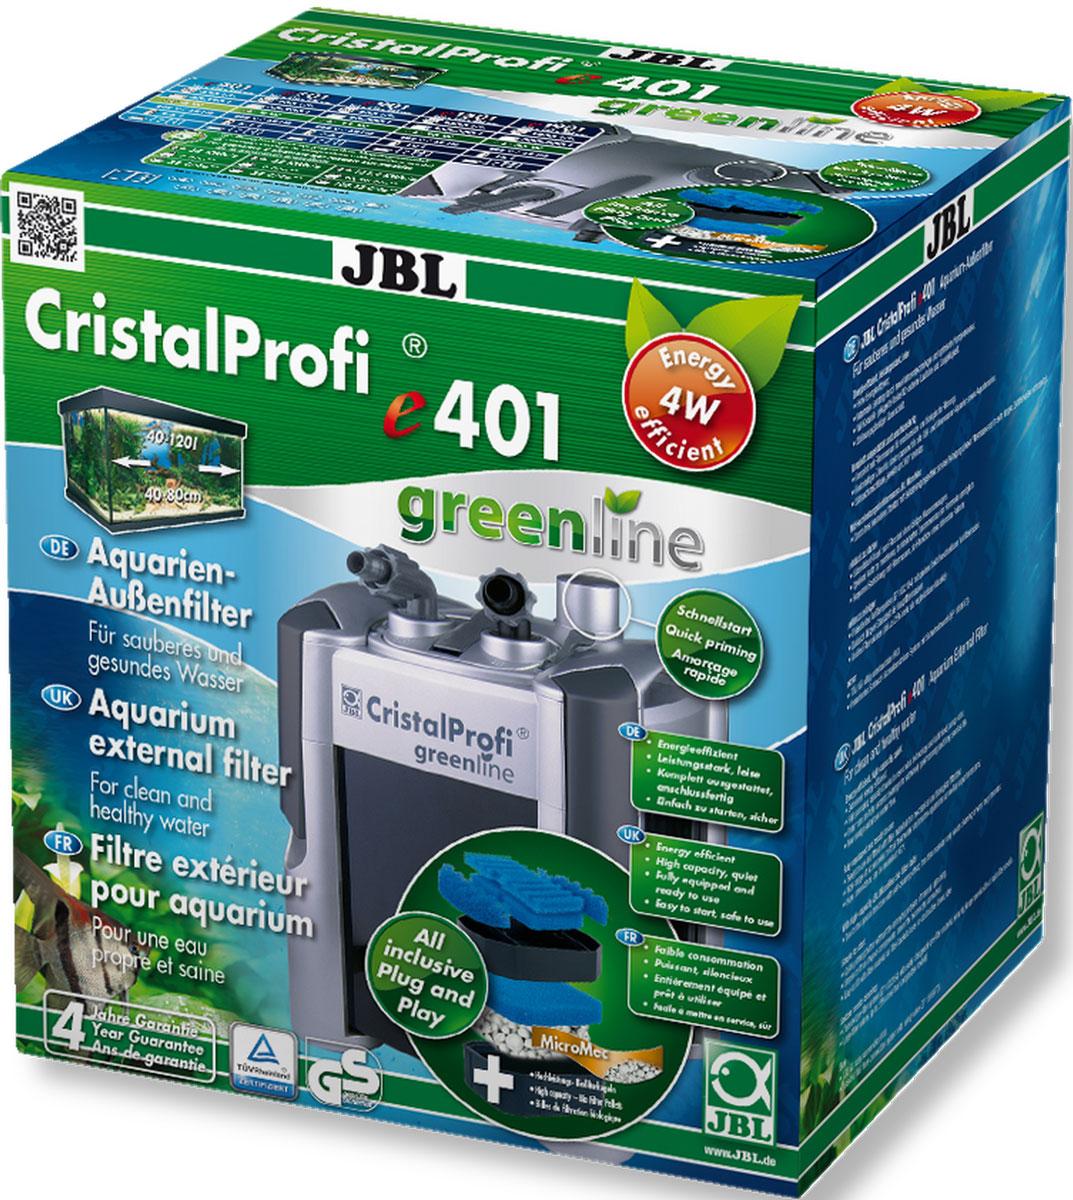 Экономичный внешний фильтр для аквариумов JBL CristalProfi e401 greenline от 40 до 120 л, до 80 см длиной, 450 л/ч, с наполнителями и аксессуарамиJBL6020000JBL CristalProfi e401 greenline - Экономичный внешний фильтр для аквариумов от 40 до 120 литров, до 80 см. длиной, 450 л/ч, с наполнителями и аксессуарами